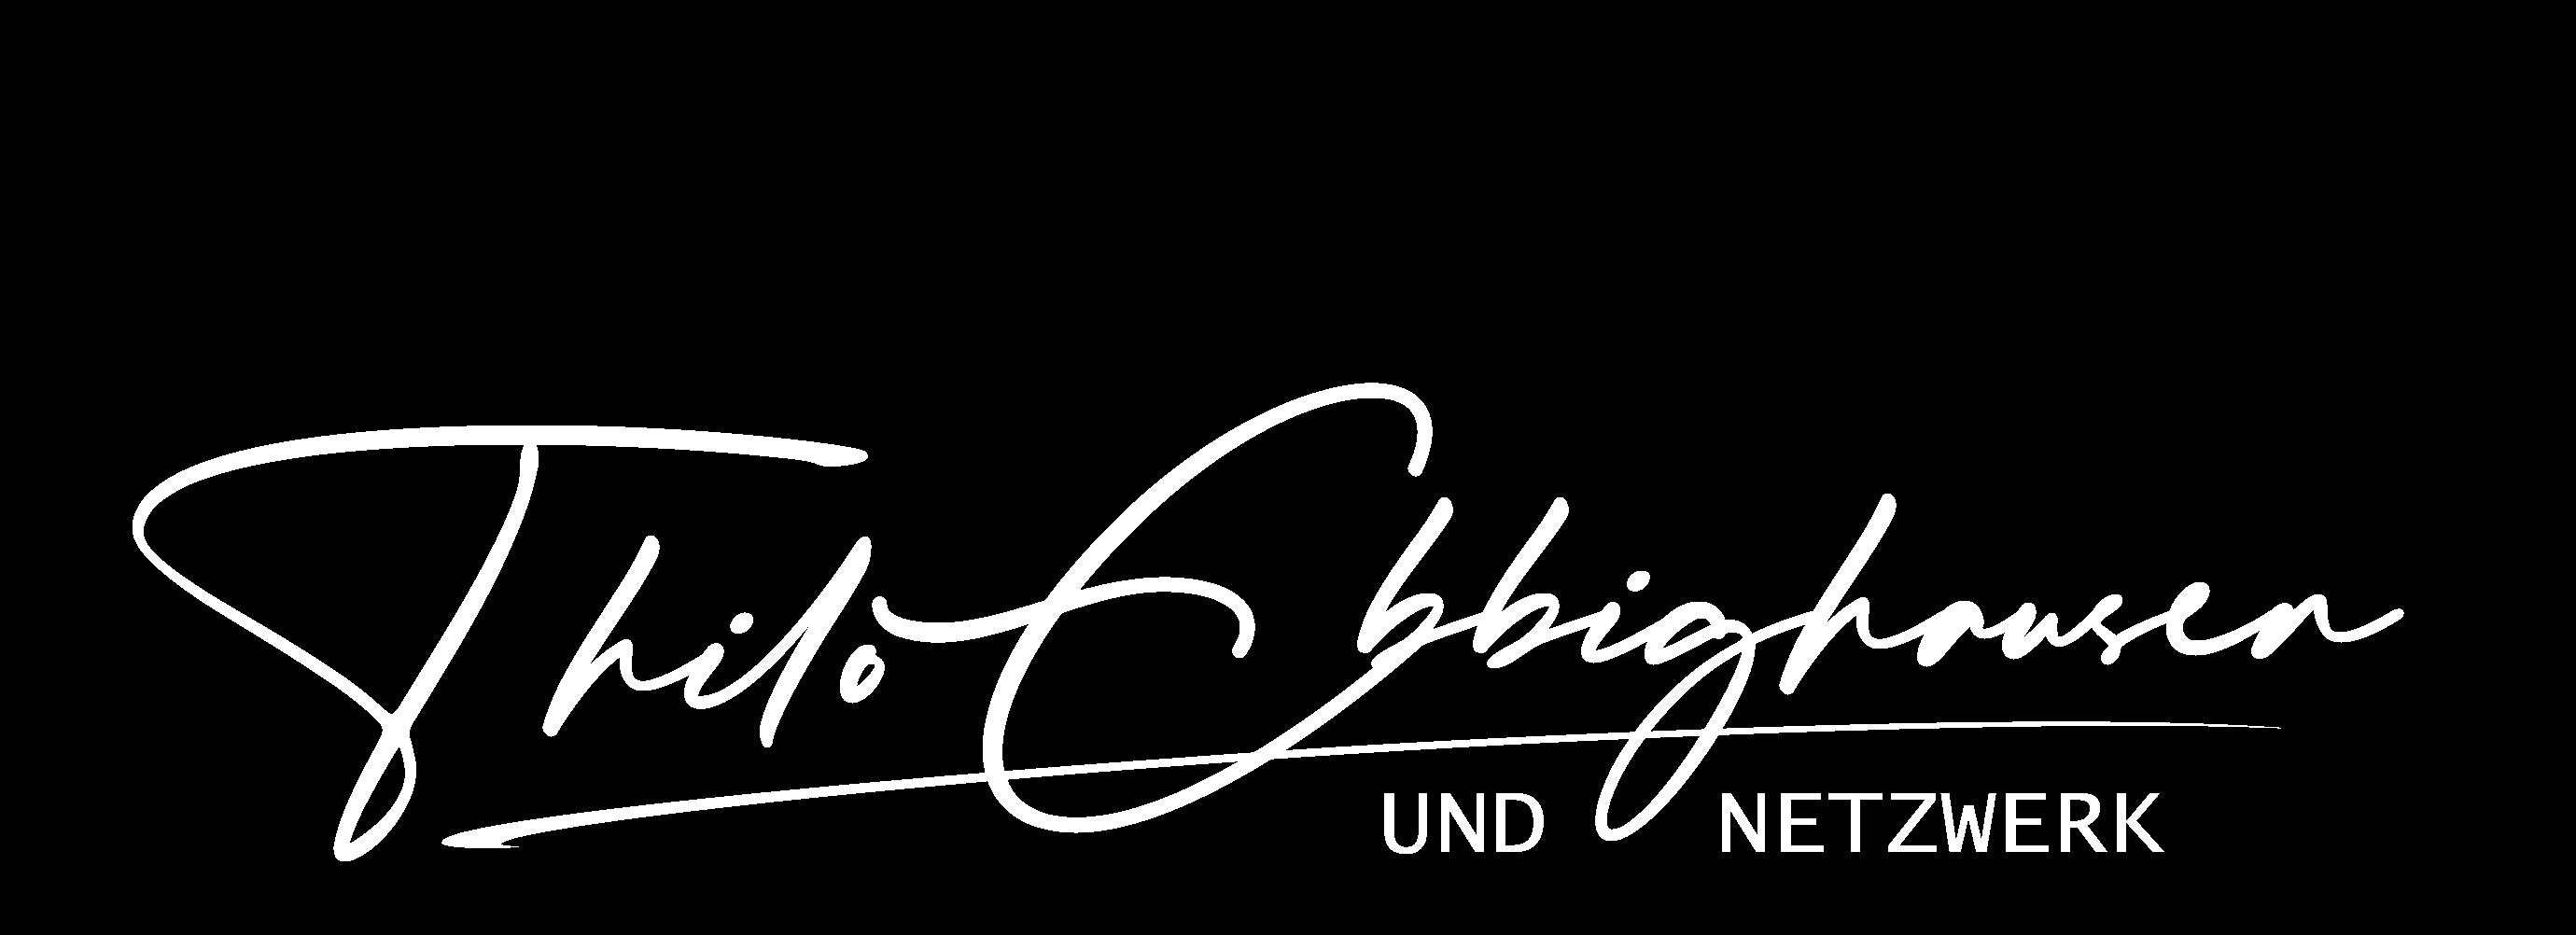 Thilo Ebbighausen und Netzwerk